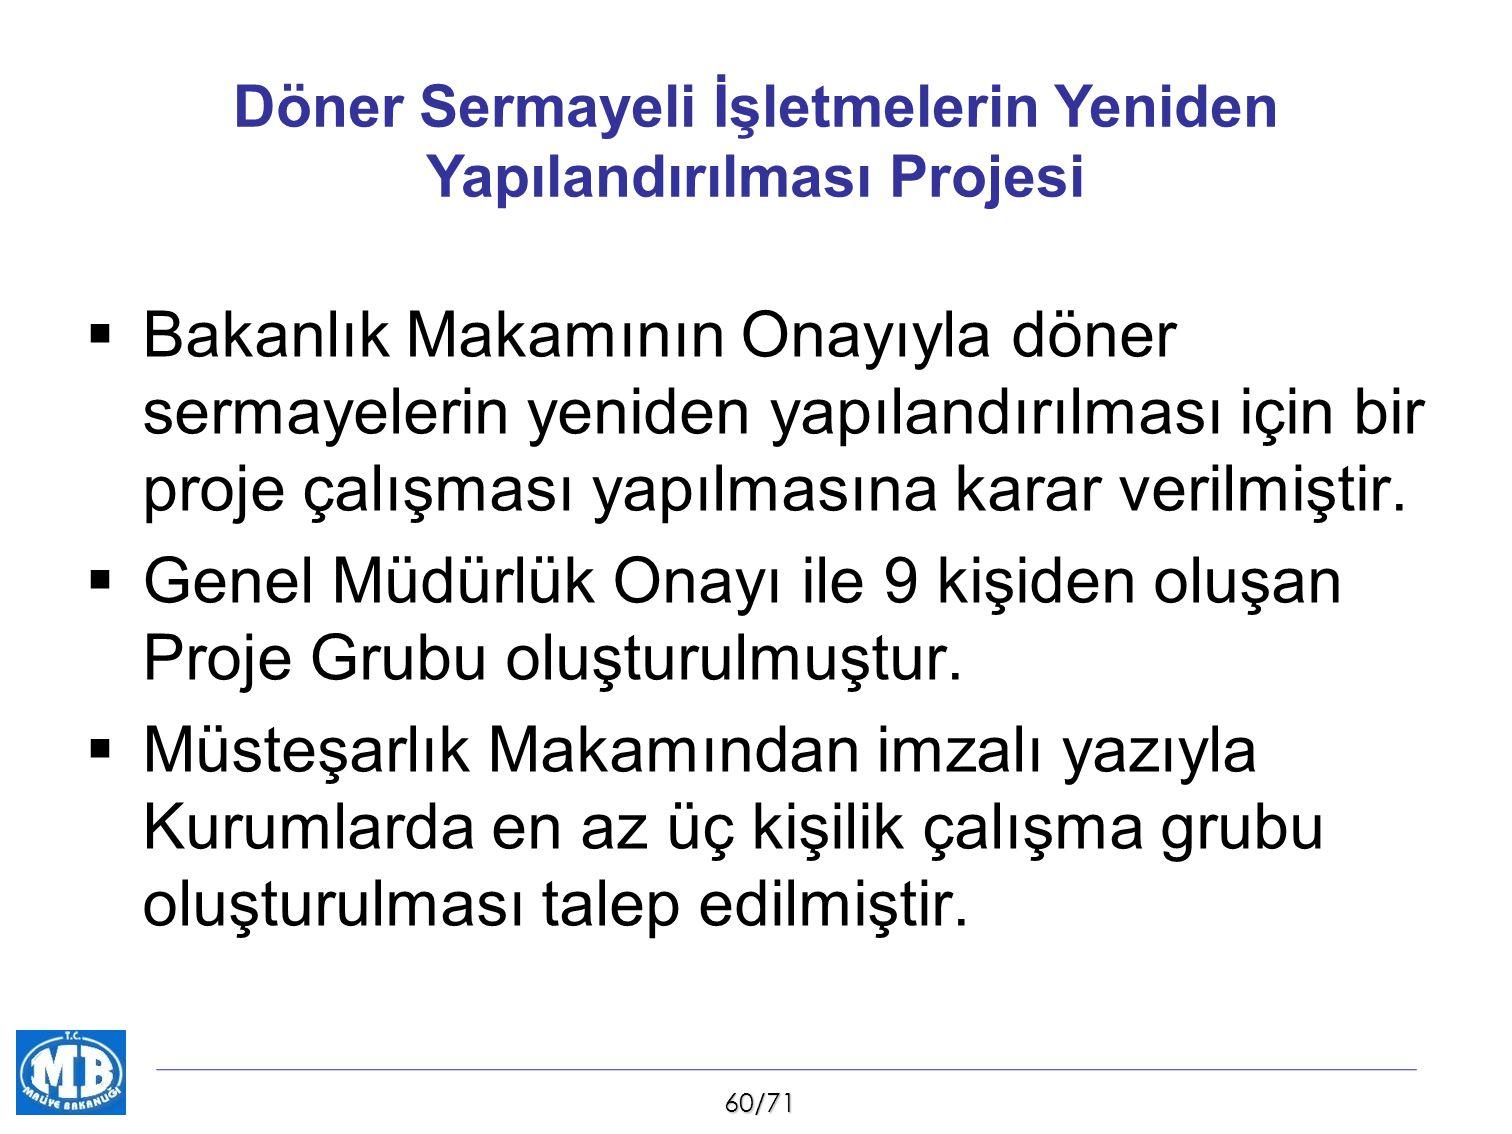 60/71  Bakanlık Makamının Onayıyla döner sermayelerin yeniden yapılandırılması için bir proje çalışması yapılmasına karar verilmiştir.